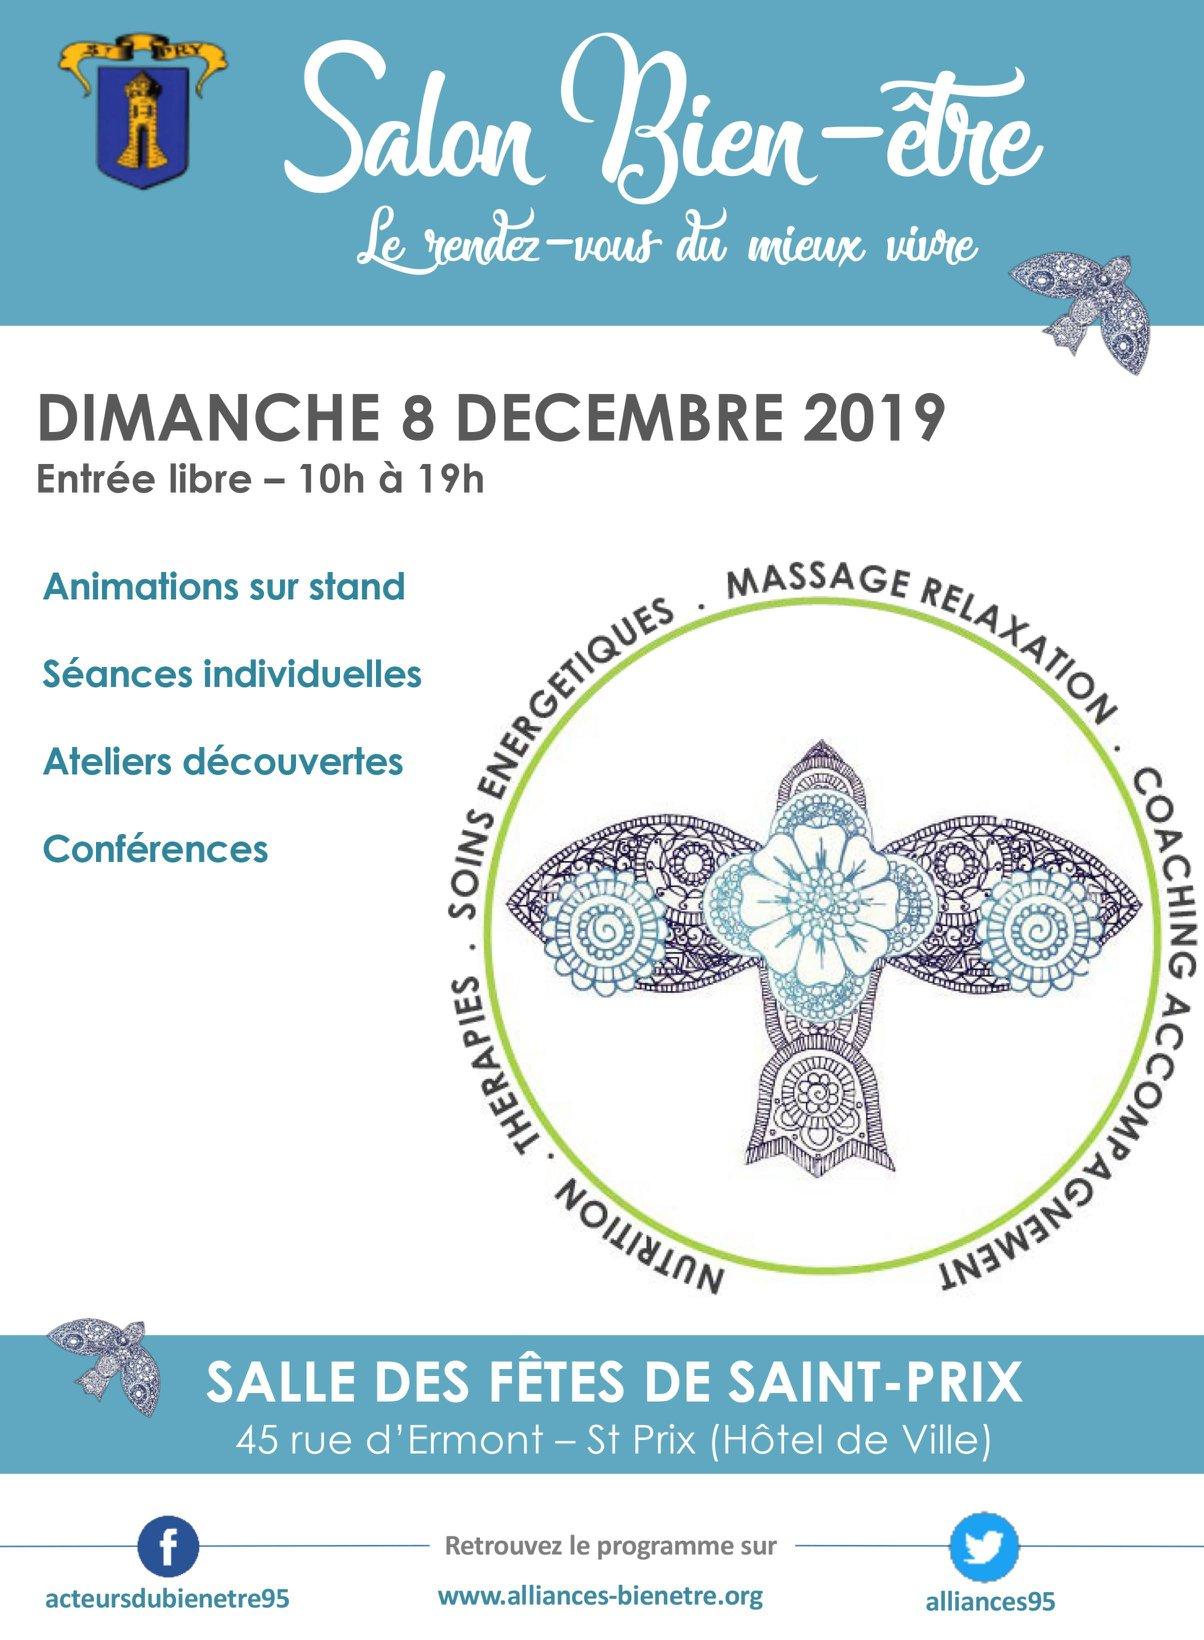 Salonb du bien-être Saint-prix decembre 2019